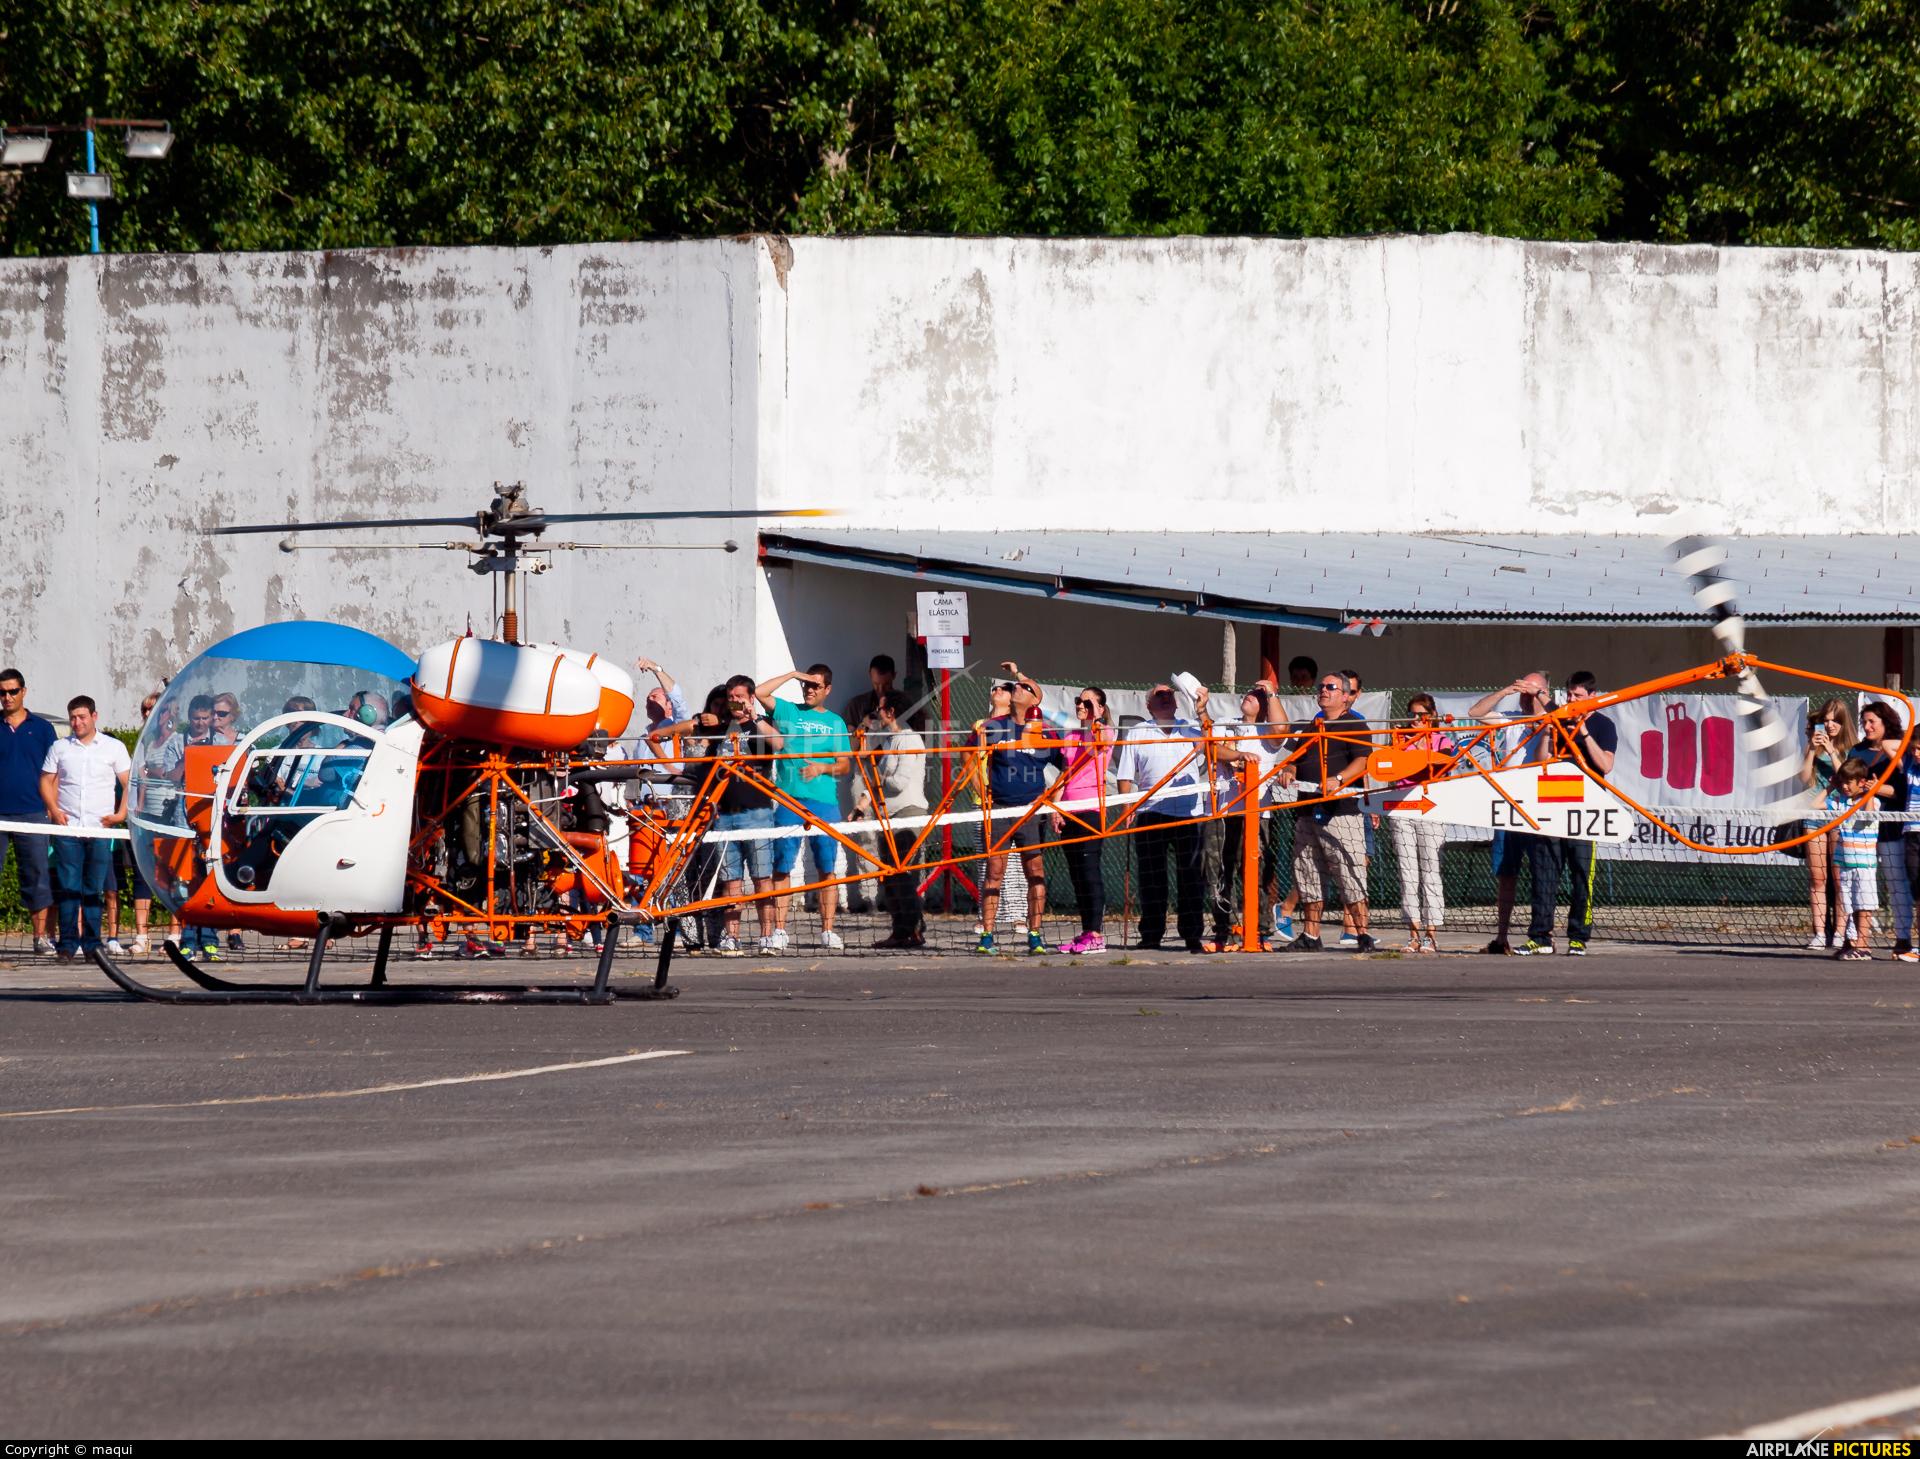 Real Aero Club de Lugo EC-DZE aircraft at Lugo - Rozas